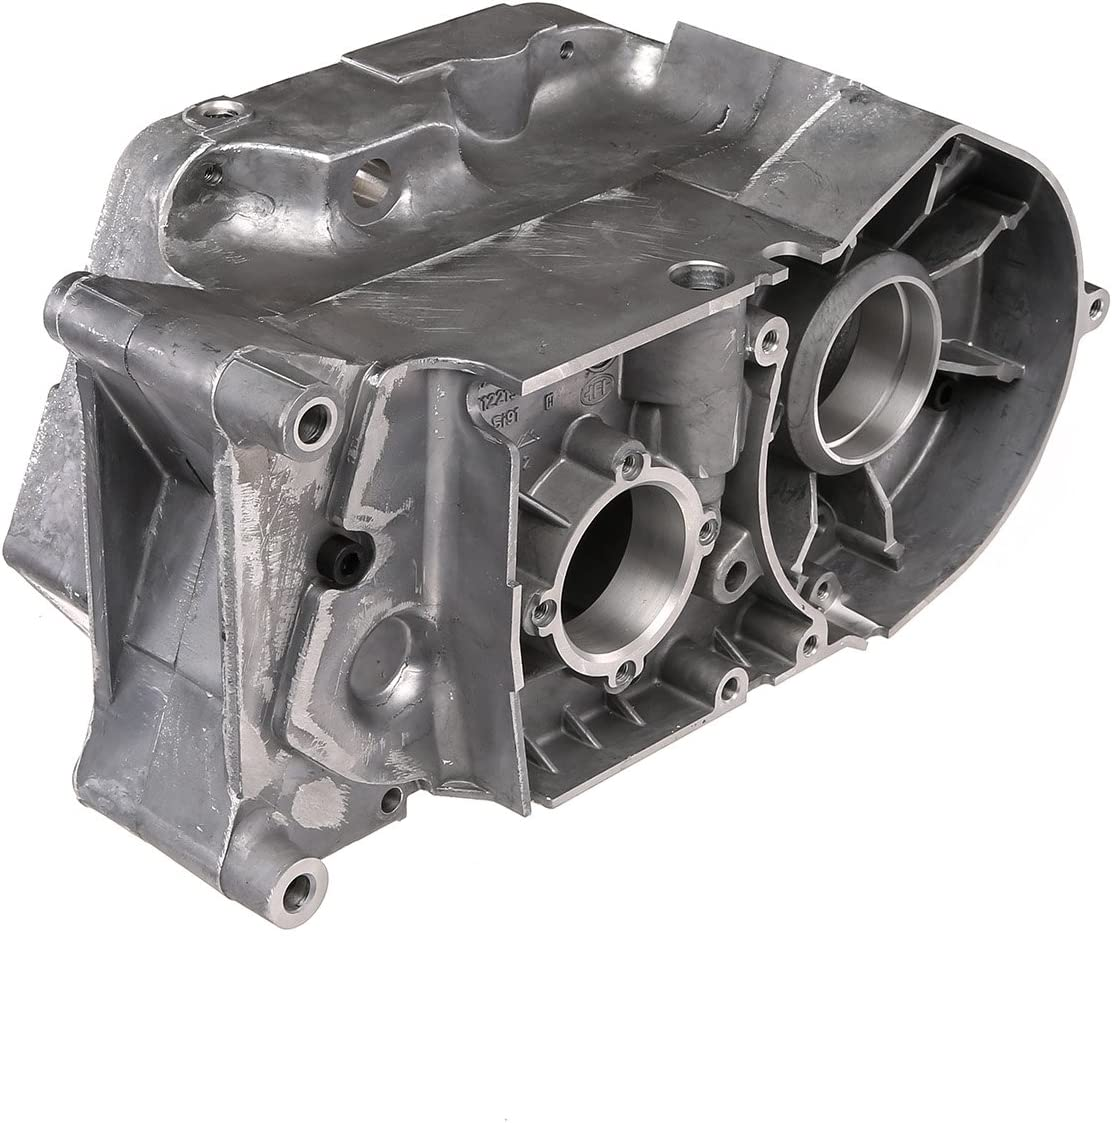 SIMSON Motorgeh/äuse f/ür SIMSON-Motor M541-543 - gebohrt auf /Ø 46,1mm f/ür Standard-Zylinder 60km//h unbeschichtet